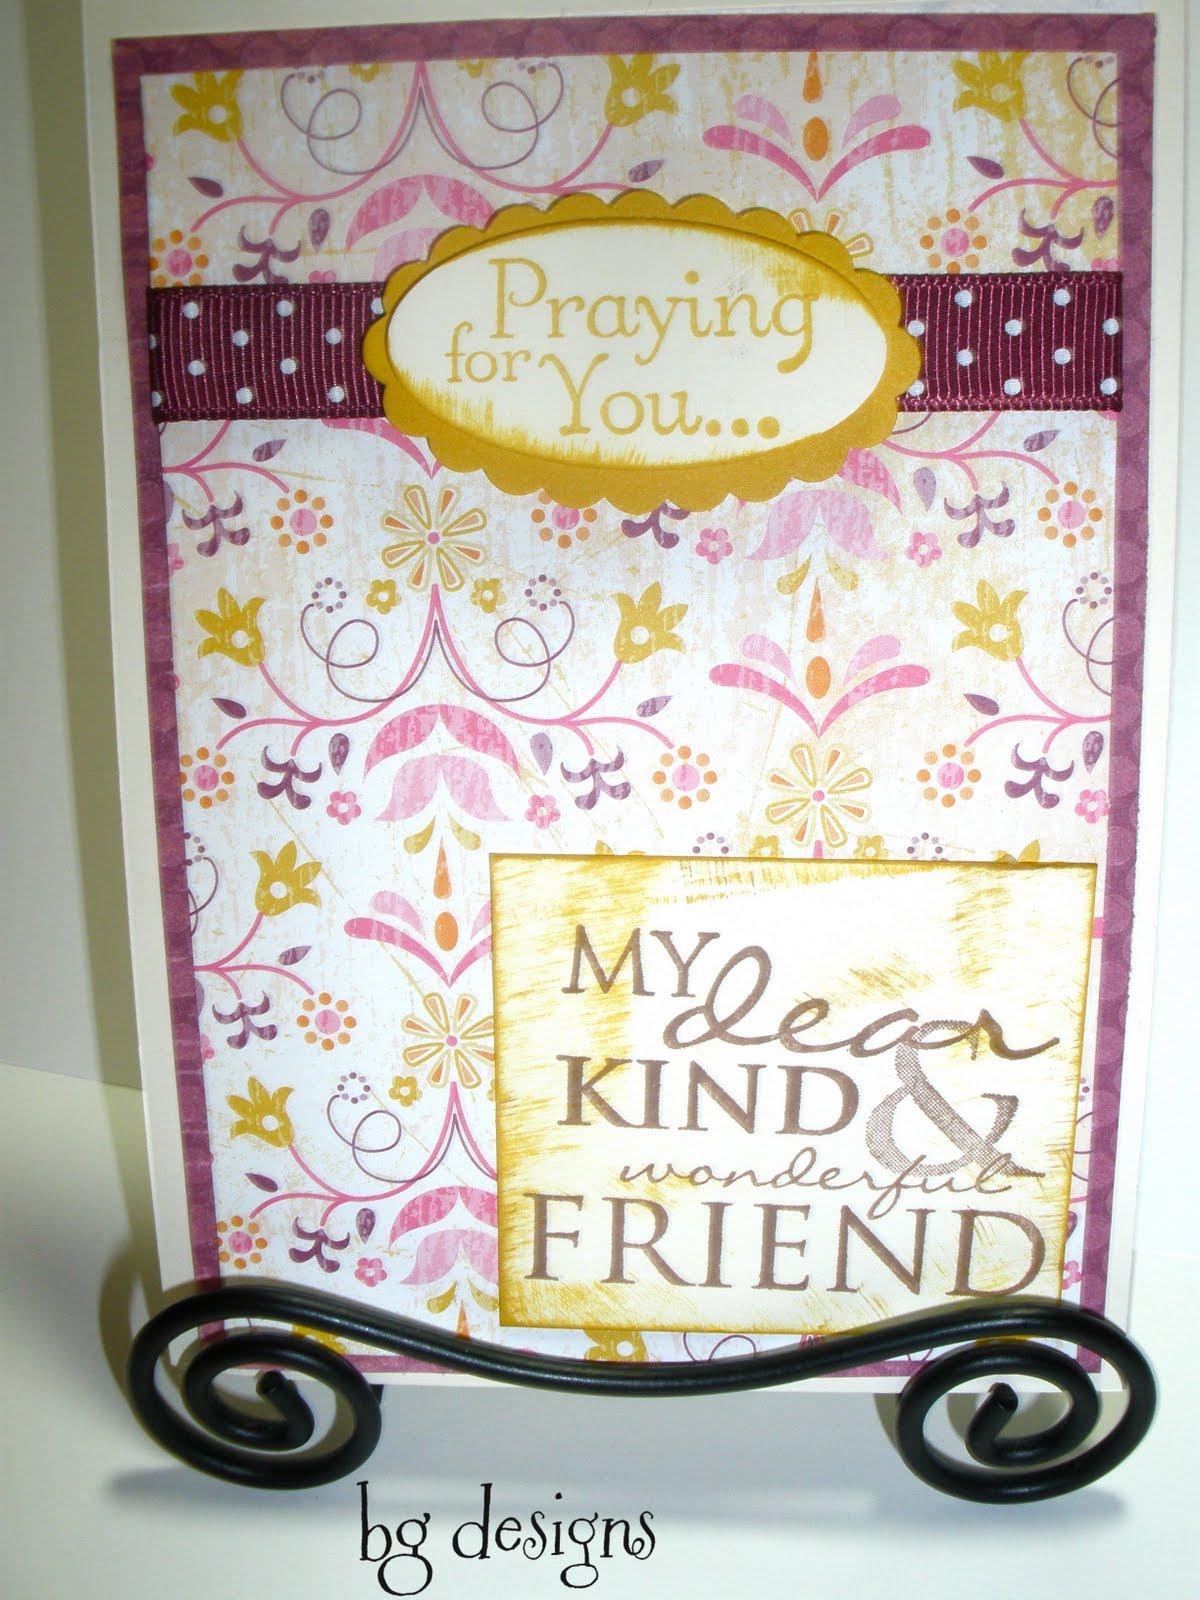 [praying+for+you]